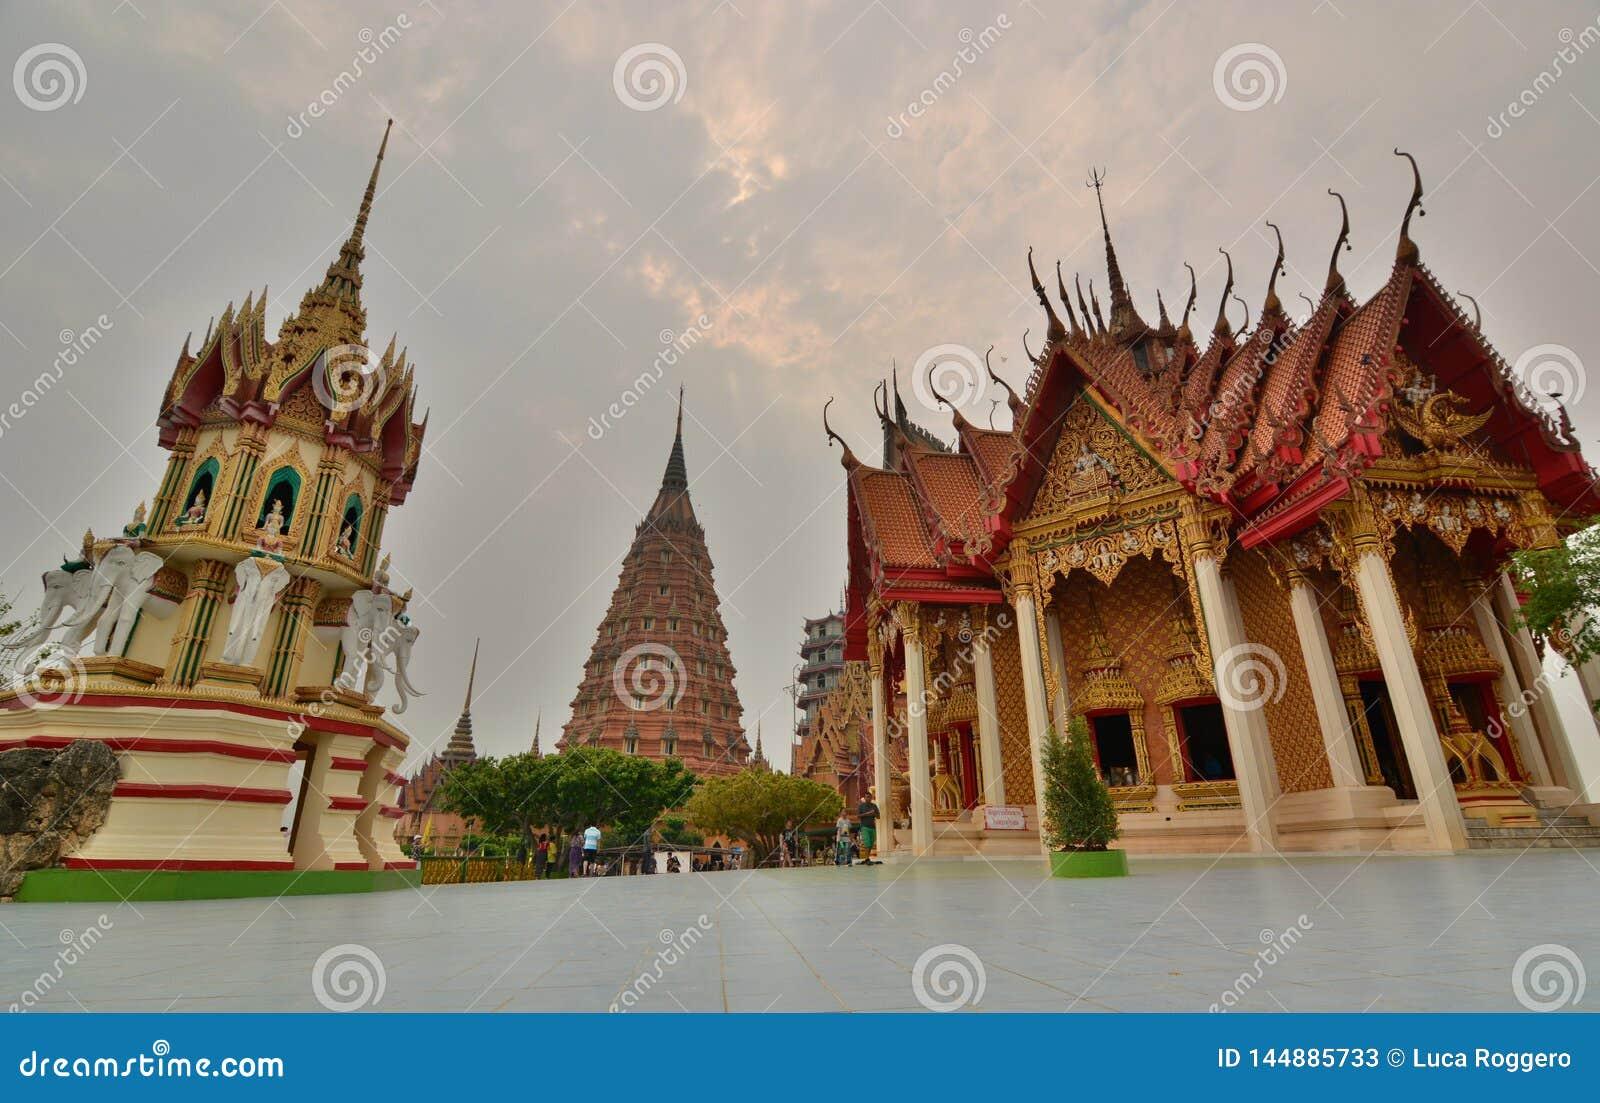 Wat Tham Suea. Tha Muang district. Kanchanaburi. Thailand